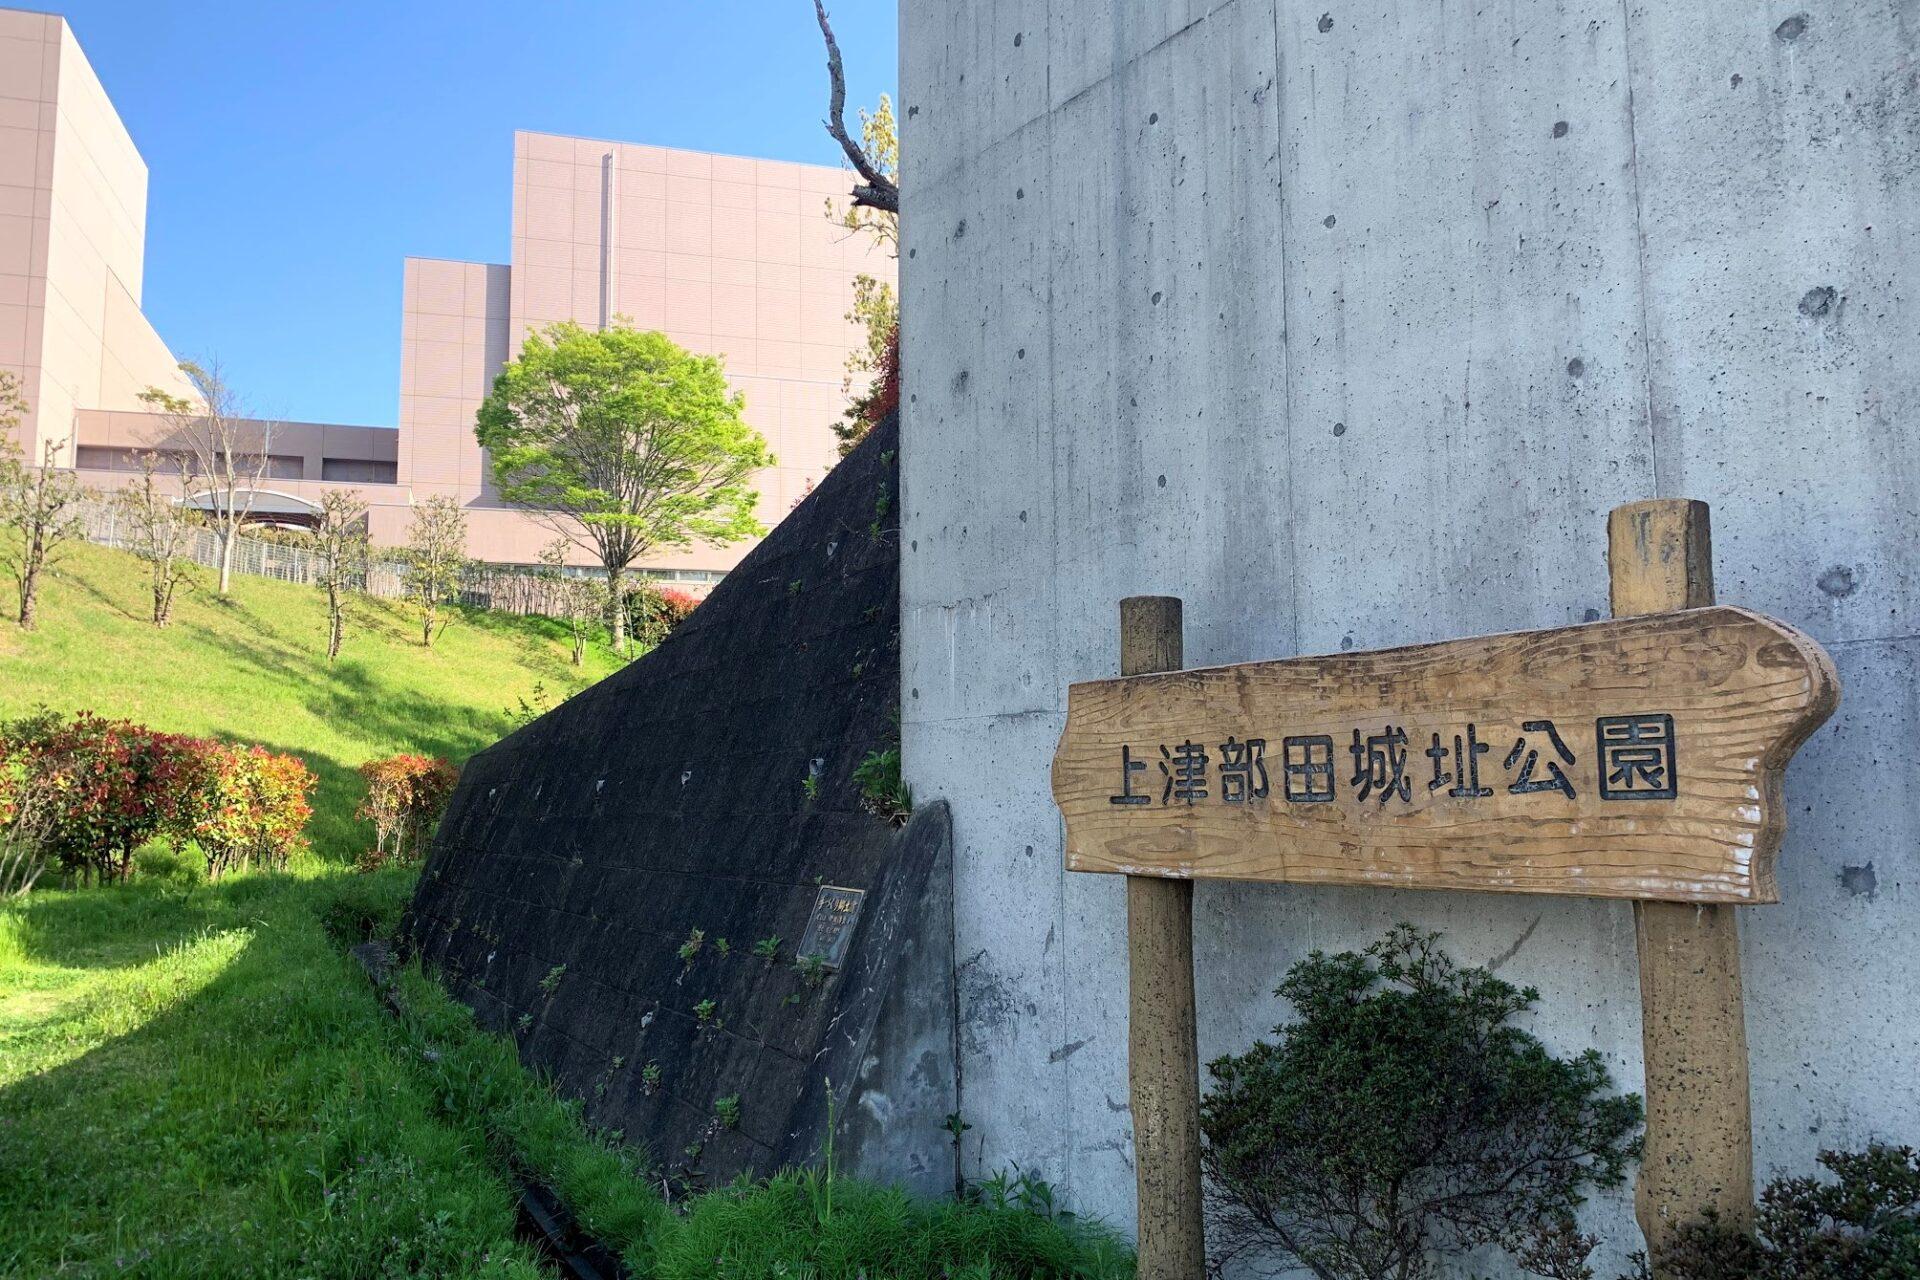 ポケモンGOのおかげで三重県内の隠れた地域スポットを続々と発見中